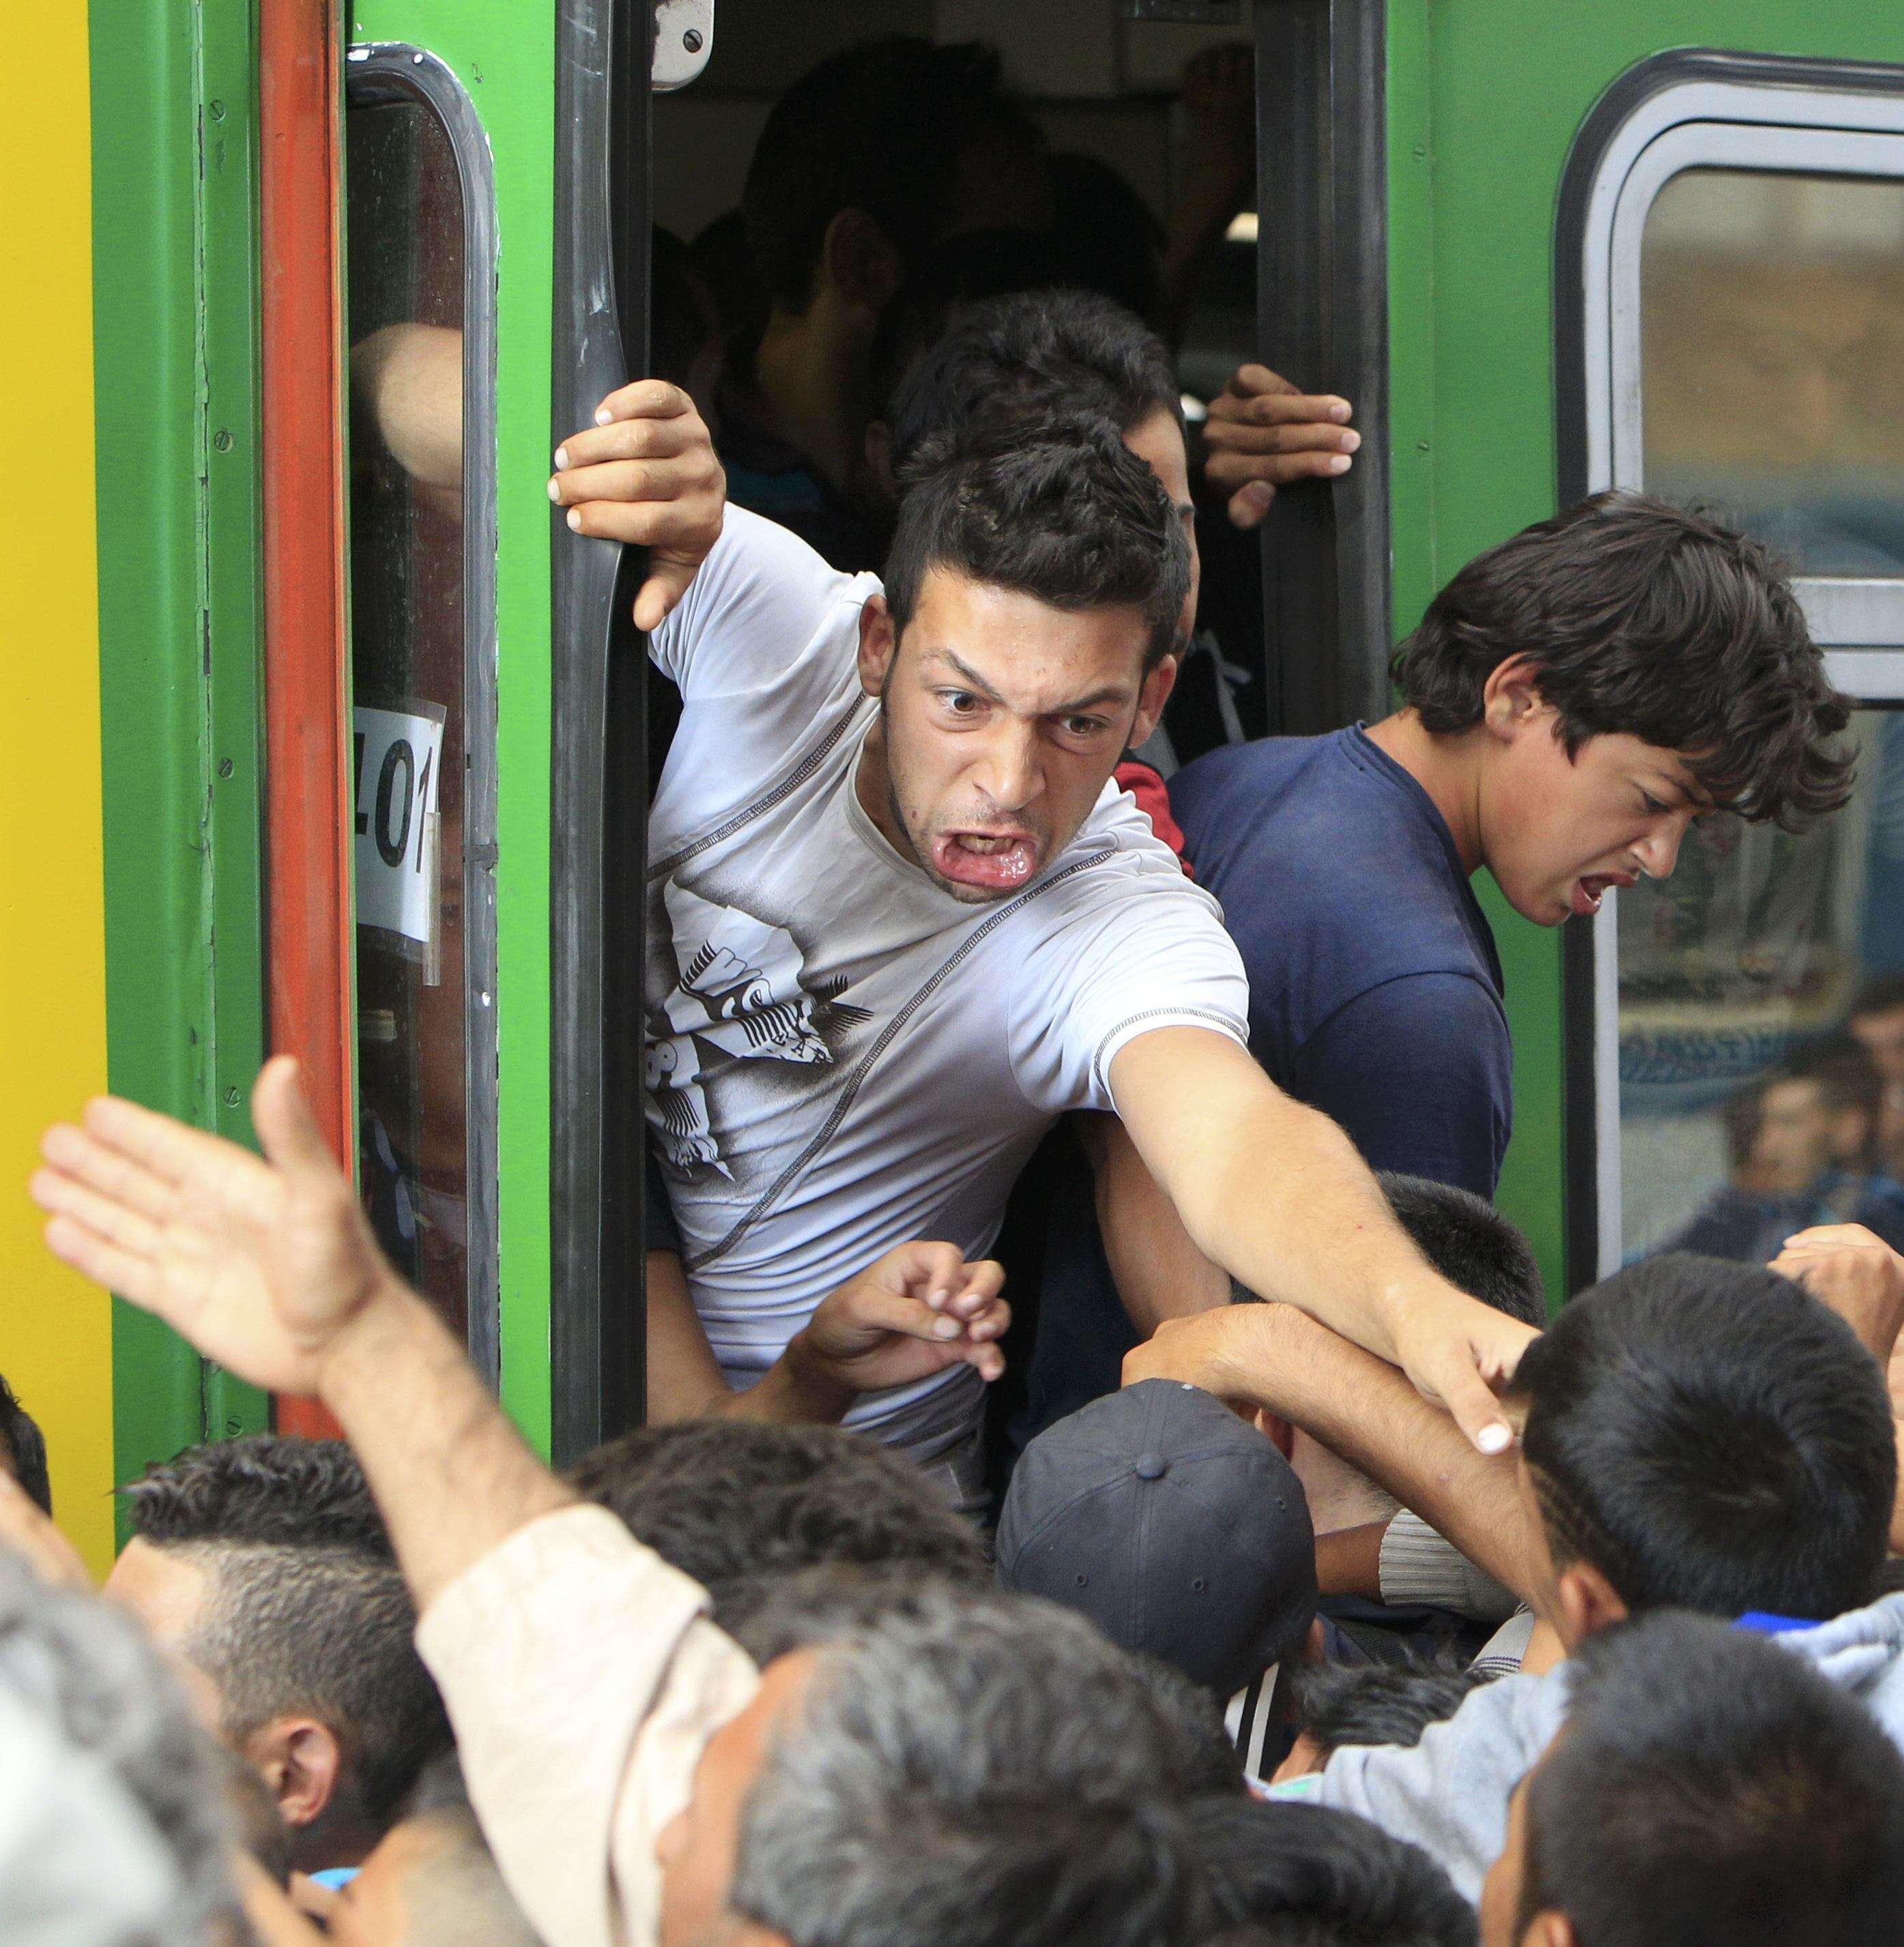 Încăierare între imigranţii care vor să prindă un loc pe scara unui tren (Foto: Reuters/Bernadett Szabo)